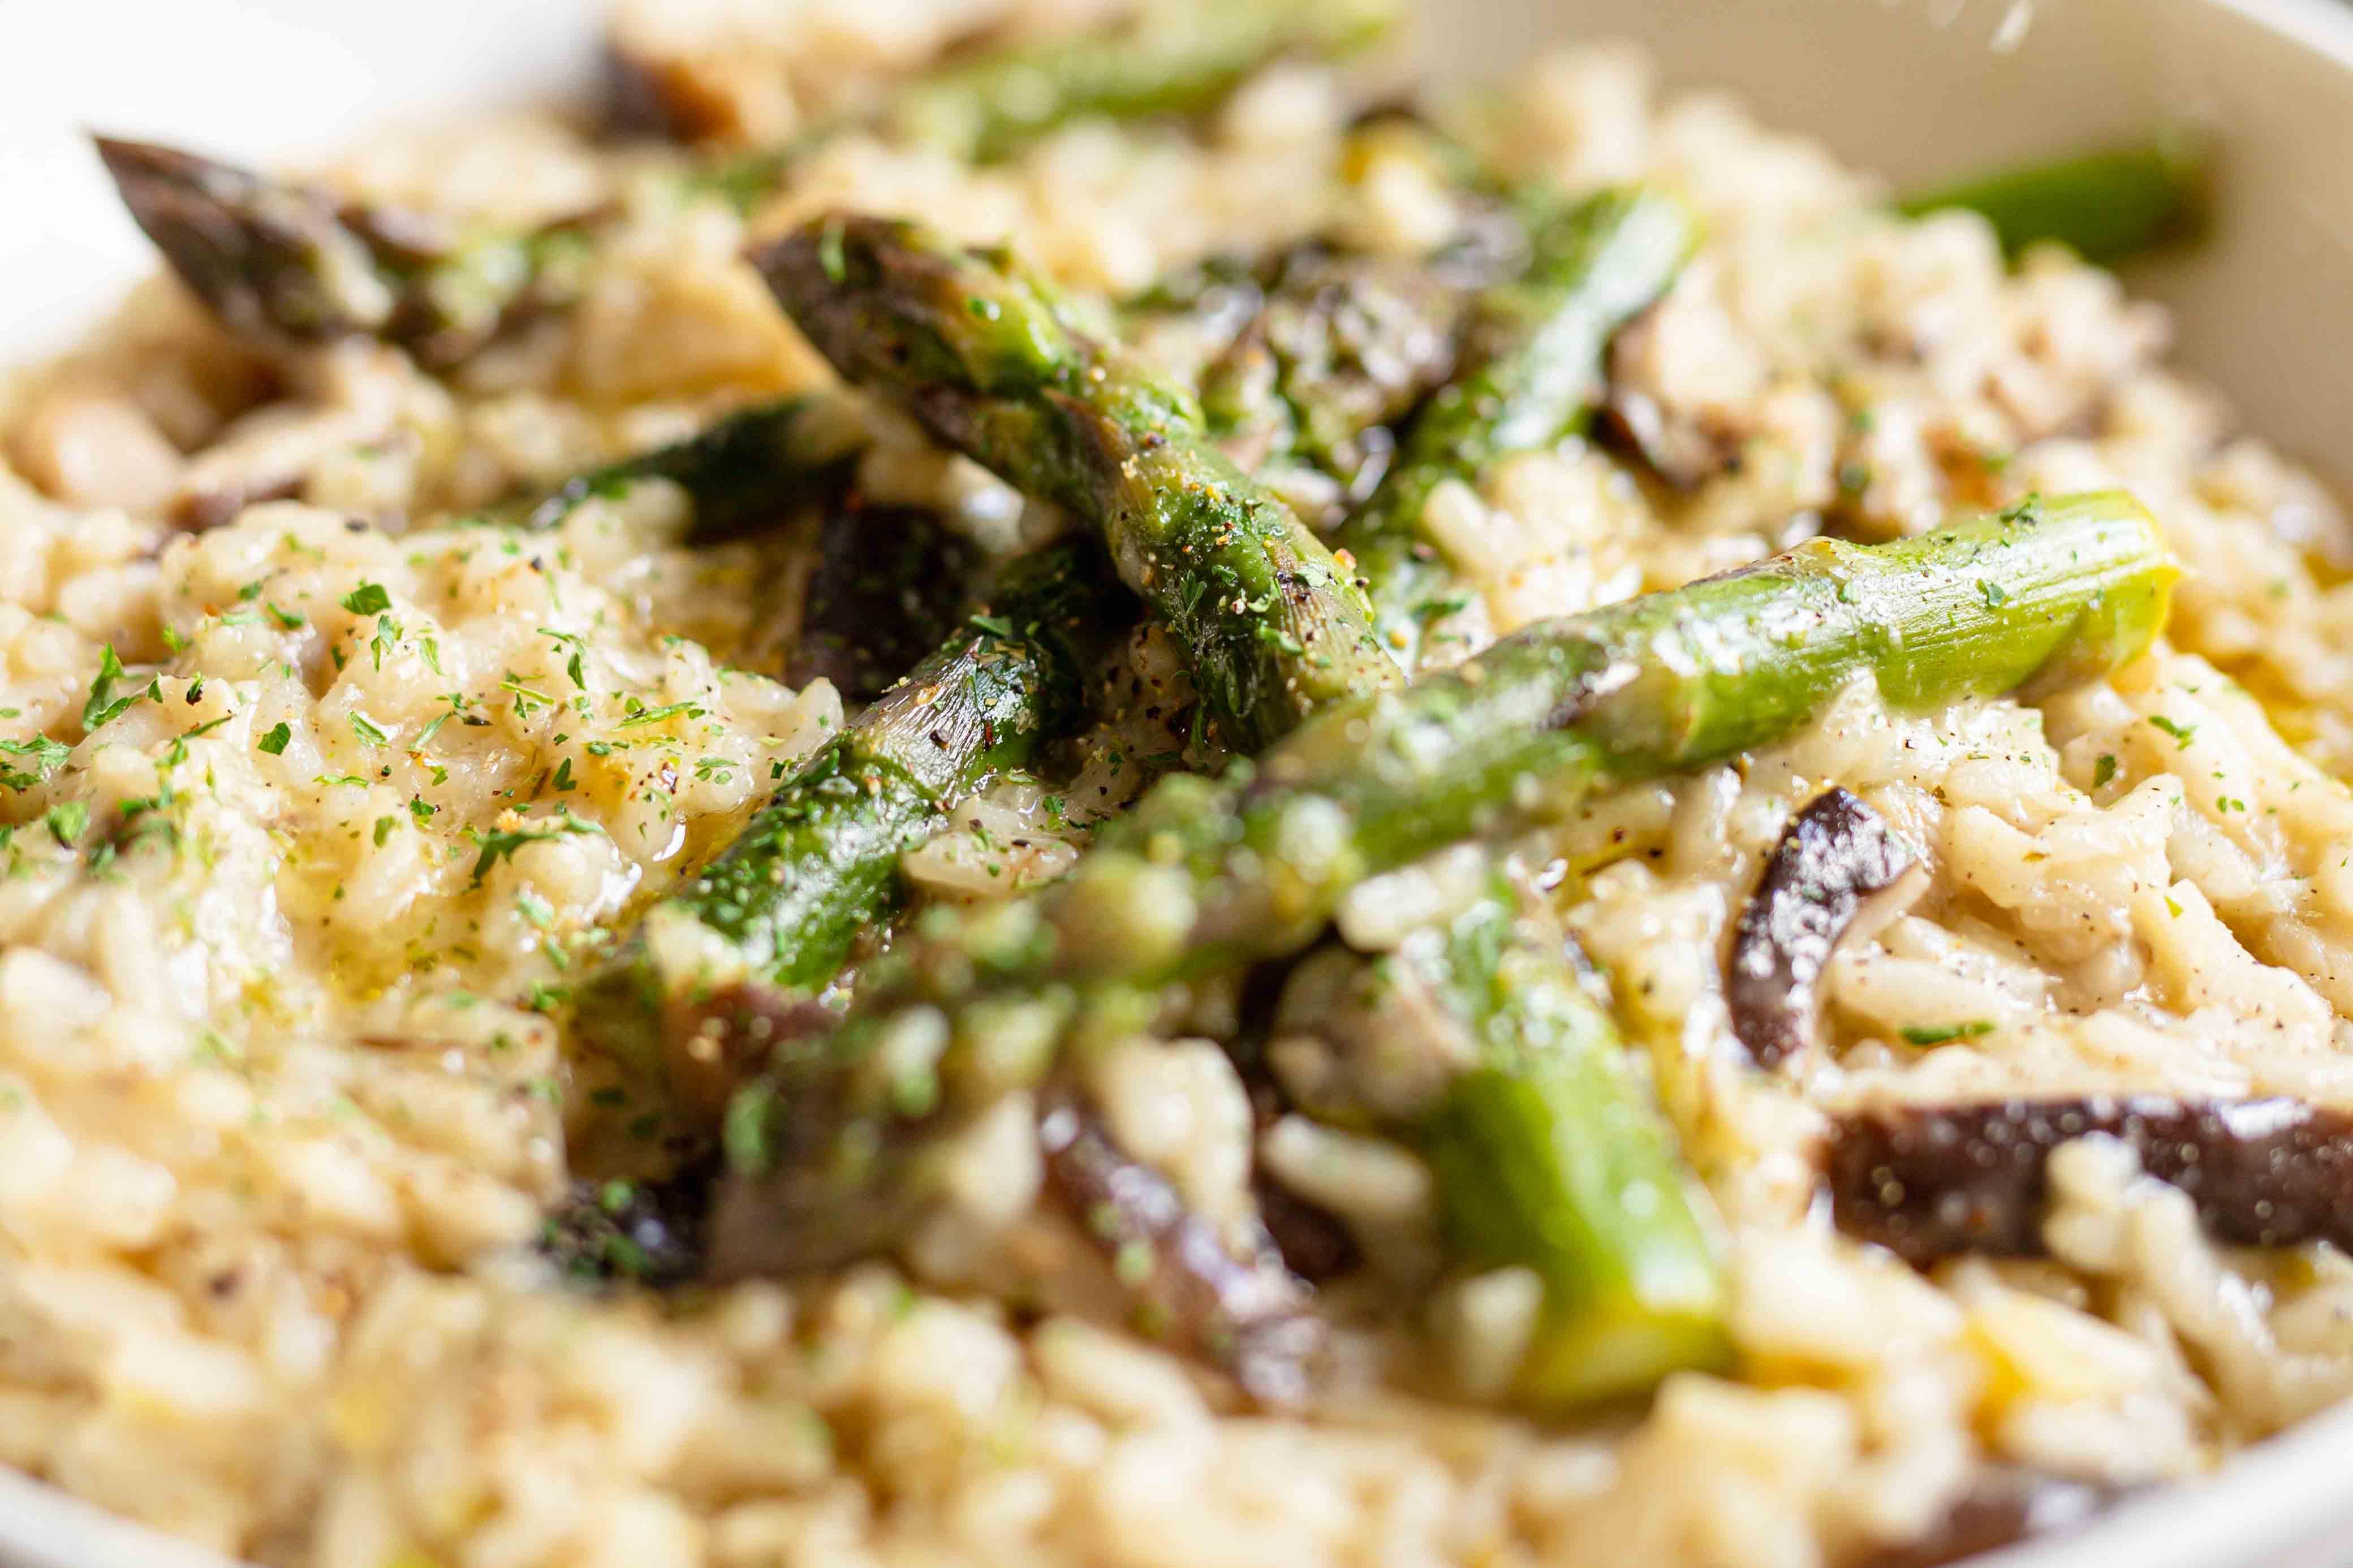 vegan risotto asparagus and shiitake